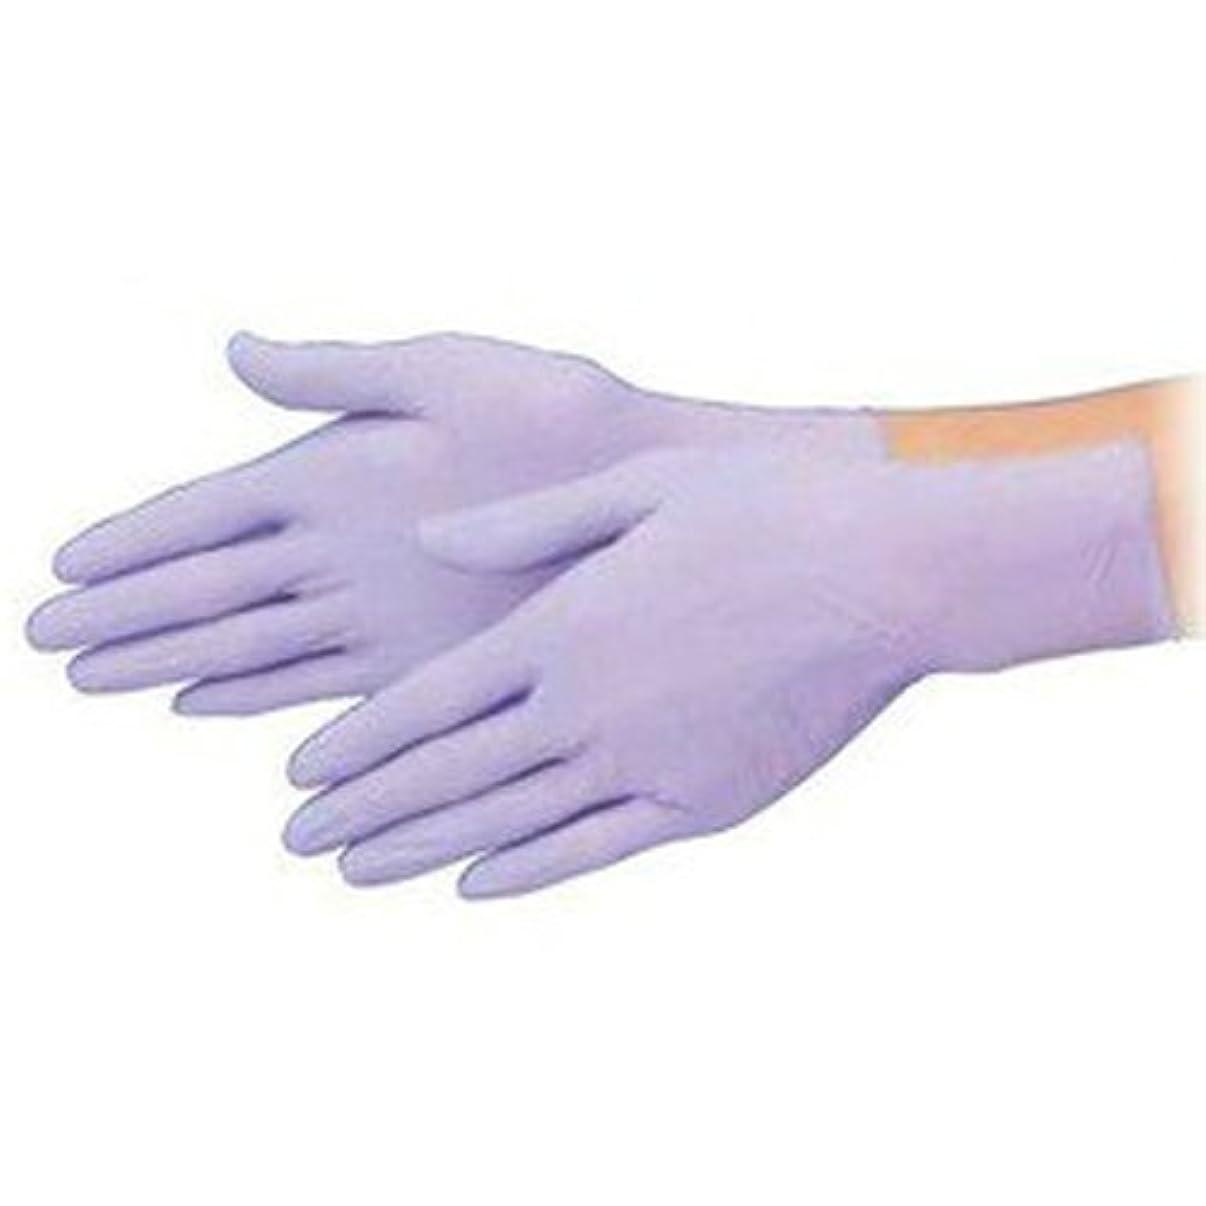 インド無し最終使い捨て 手袋 エブノ 522 スタンダードニトリルライト パープル Sサイズ パウダーフリー 2ケース(100枚×60箱)